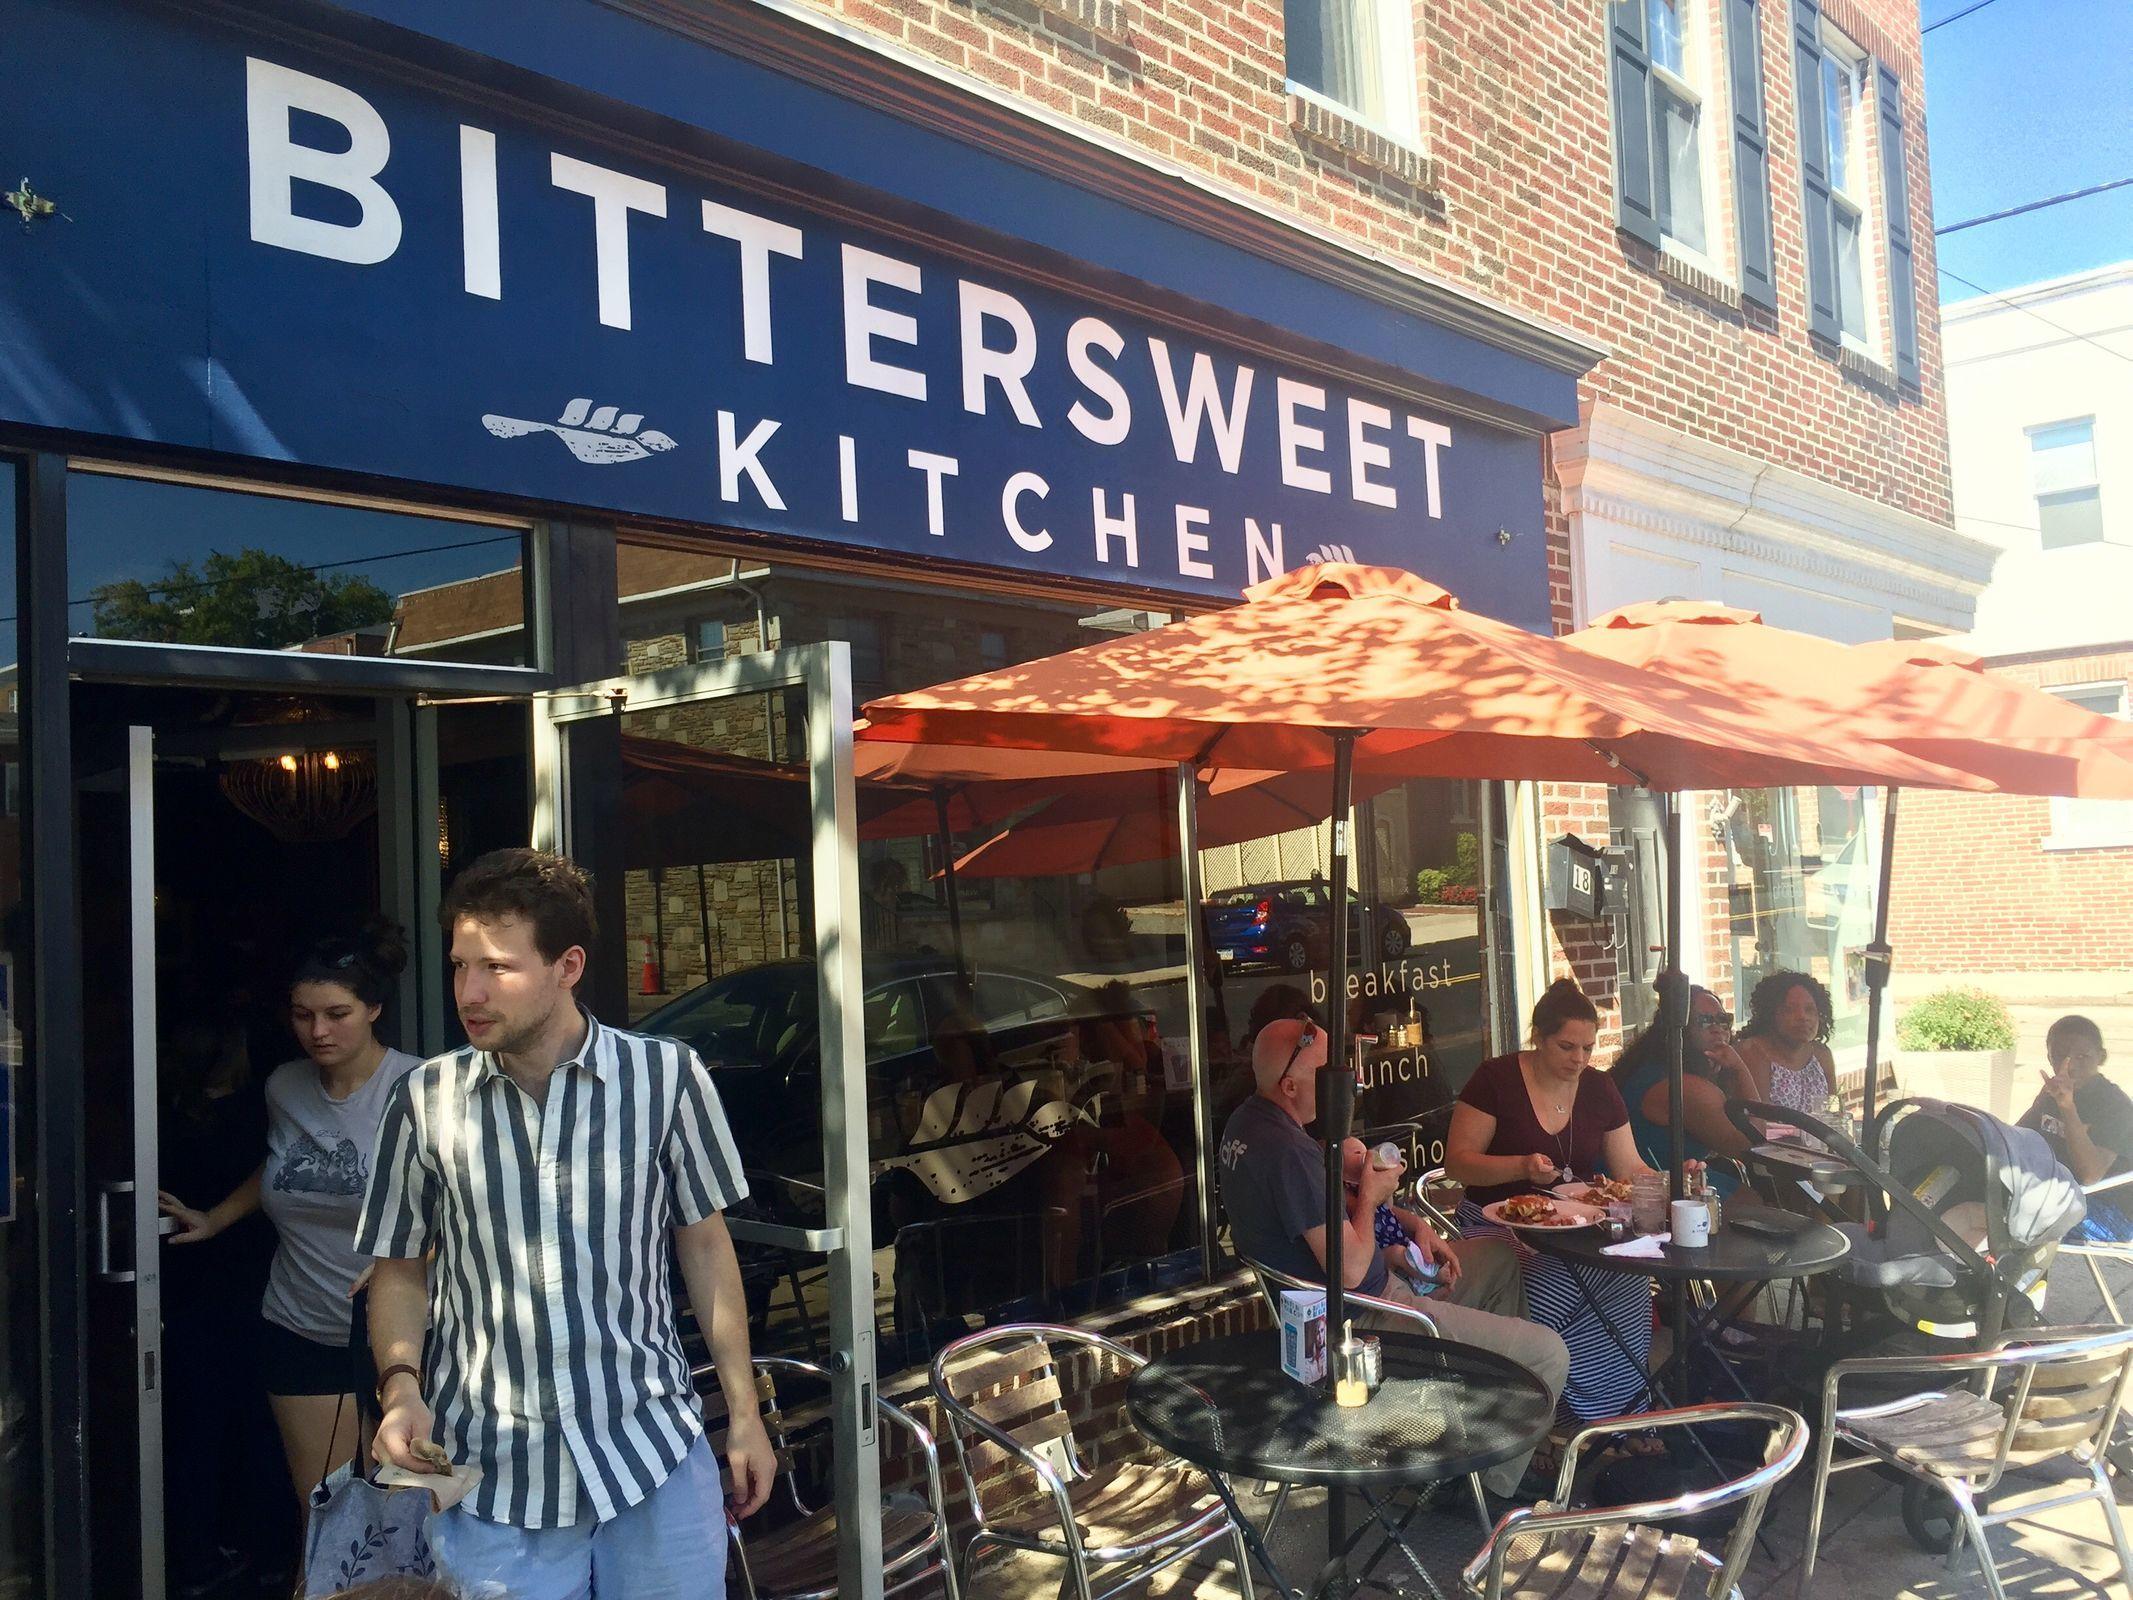 The exterior of Bittersweet Kitchen, a popular brunch destination in Media. (CRAIG LABAN / Staff)